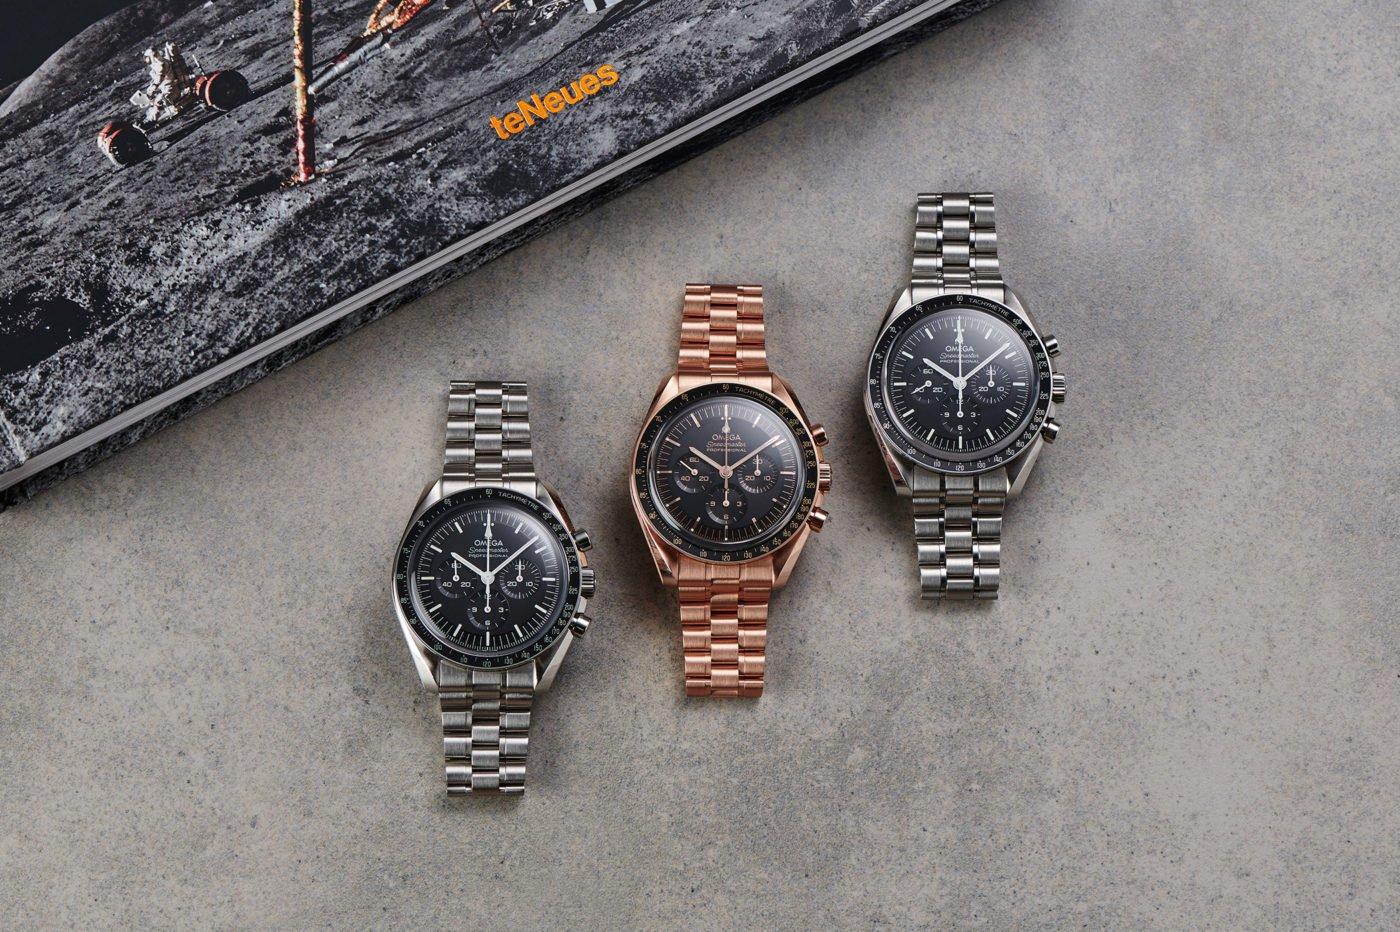 """Recenzja Omega Speedmaster Professional """"Moonwatch"""" Co-Axial Master Chronometer  [dostępność, cena]"""